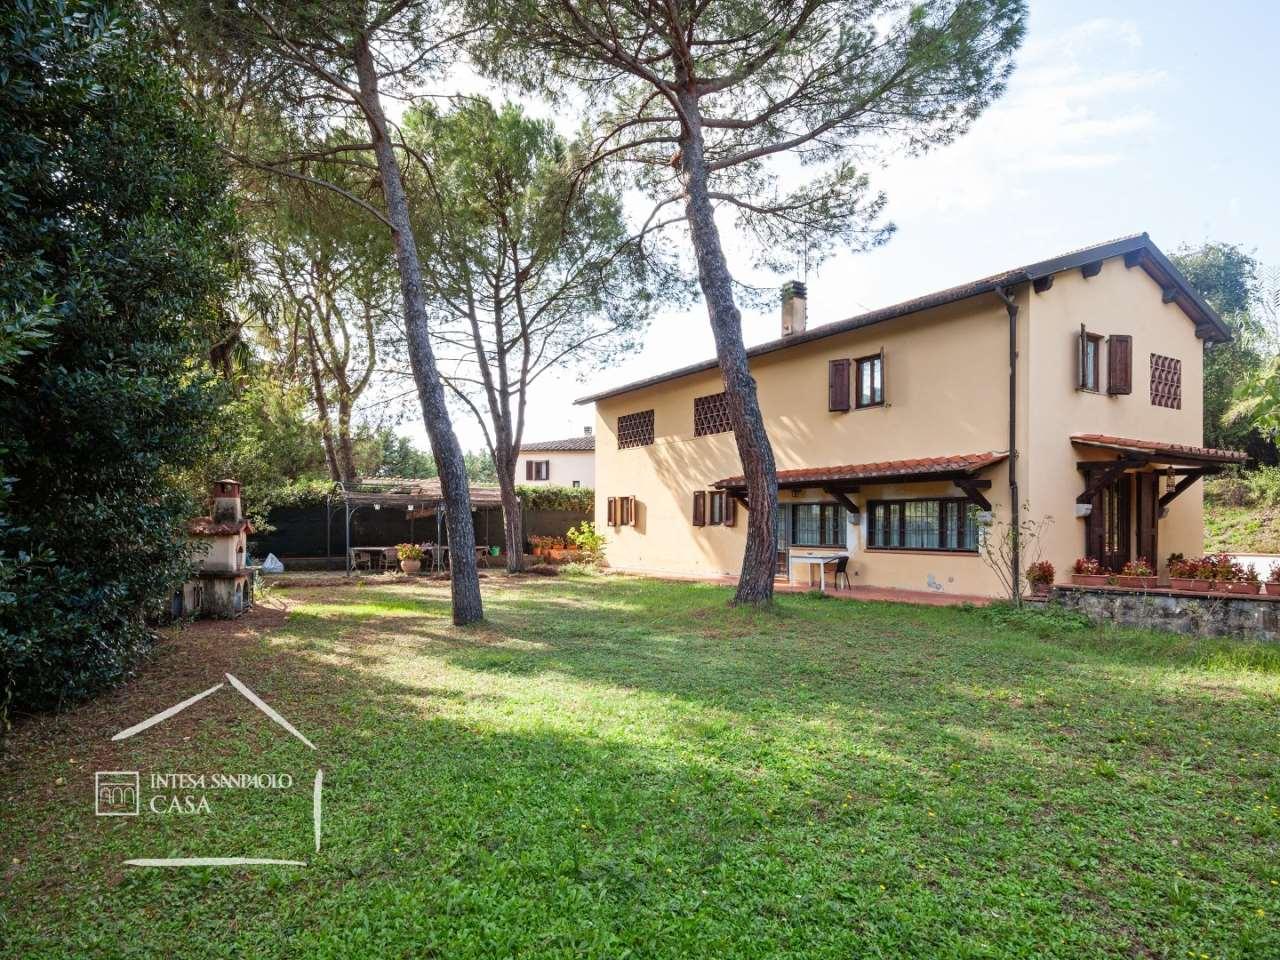 Casa indipendente in Vendita a Firenze via benedetto fortini